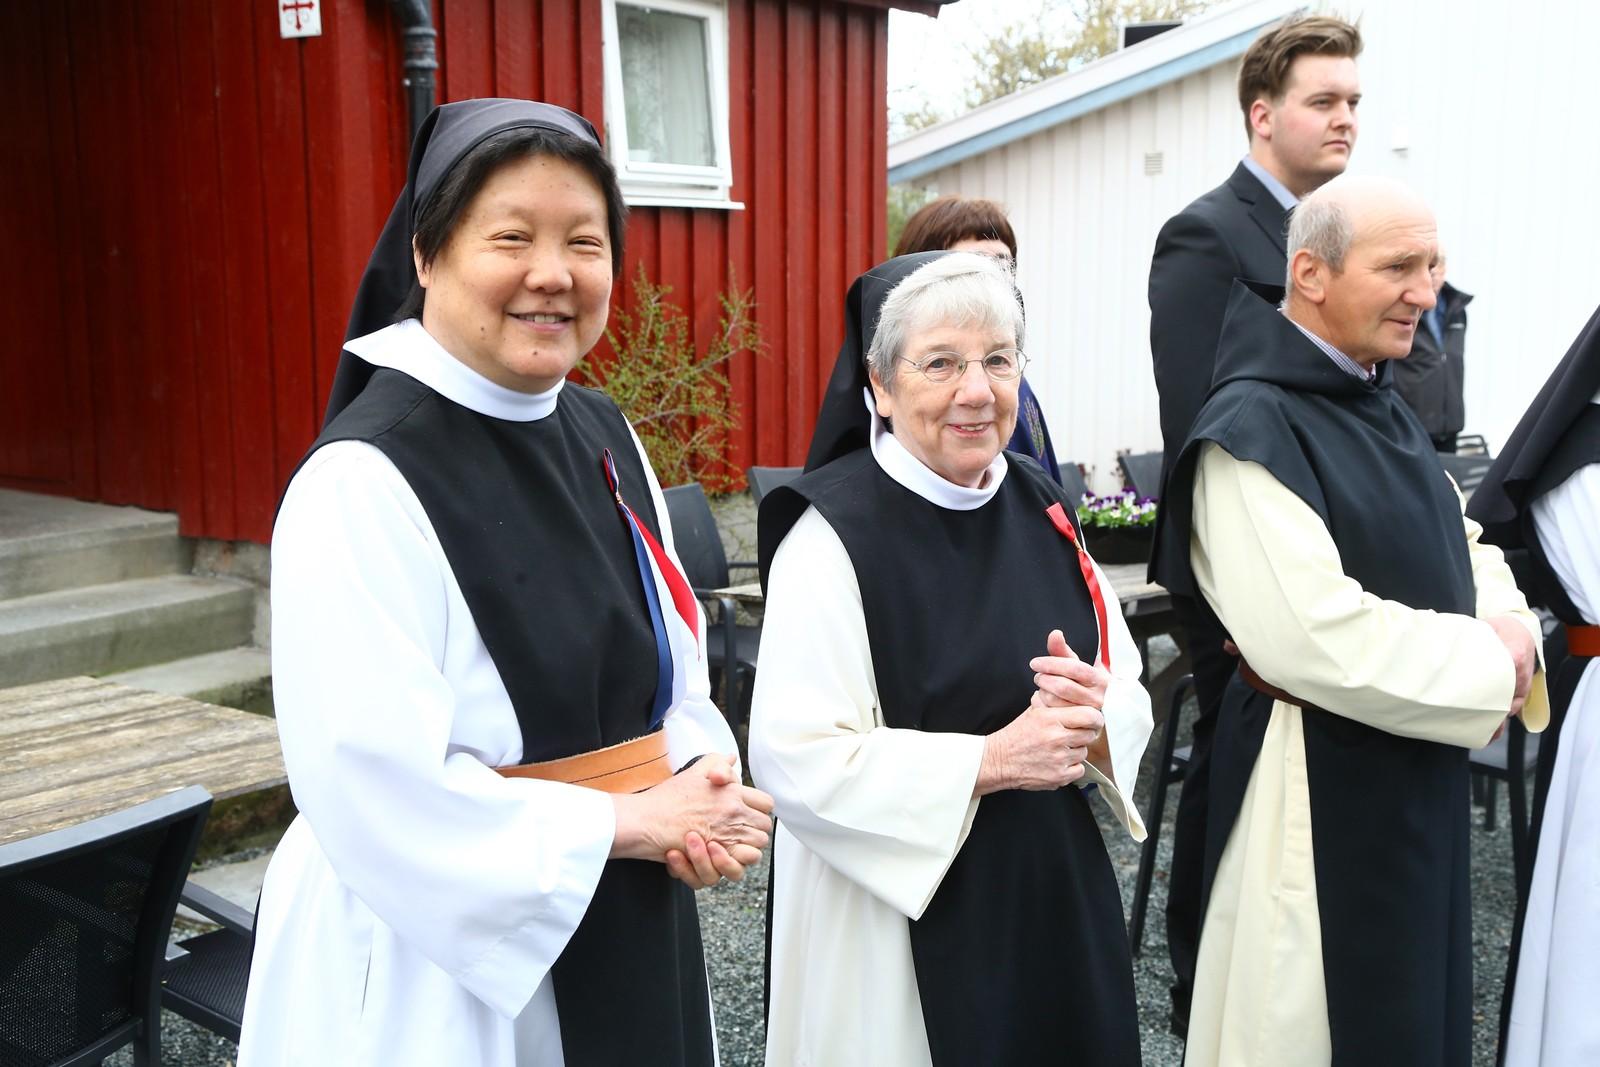 Nonnene feirer 17. mai på Tautra.